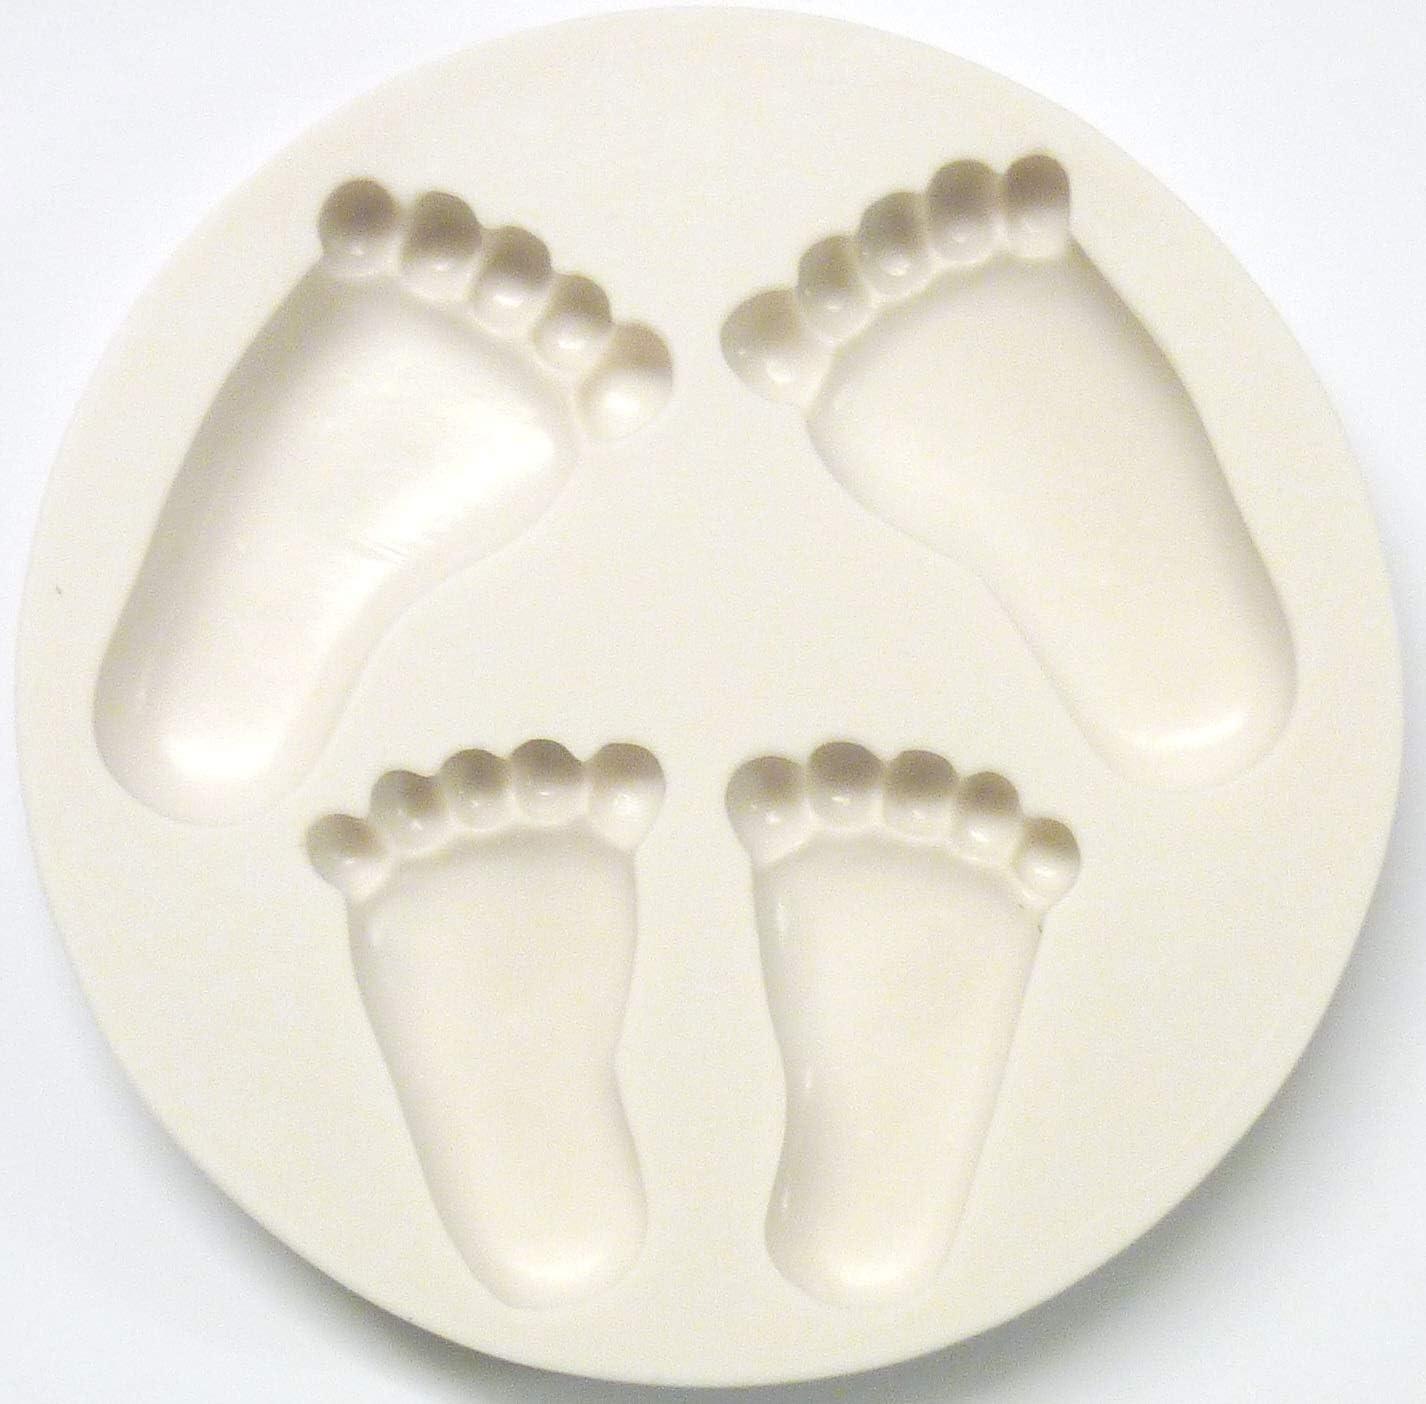 d/écoration de g/âteau b/éb/é endormi Zeagro Moule /à g/âteau en Silicone 3D Pieds de b/éb/é Outil de p/âtisserie